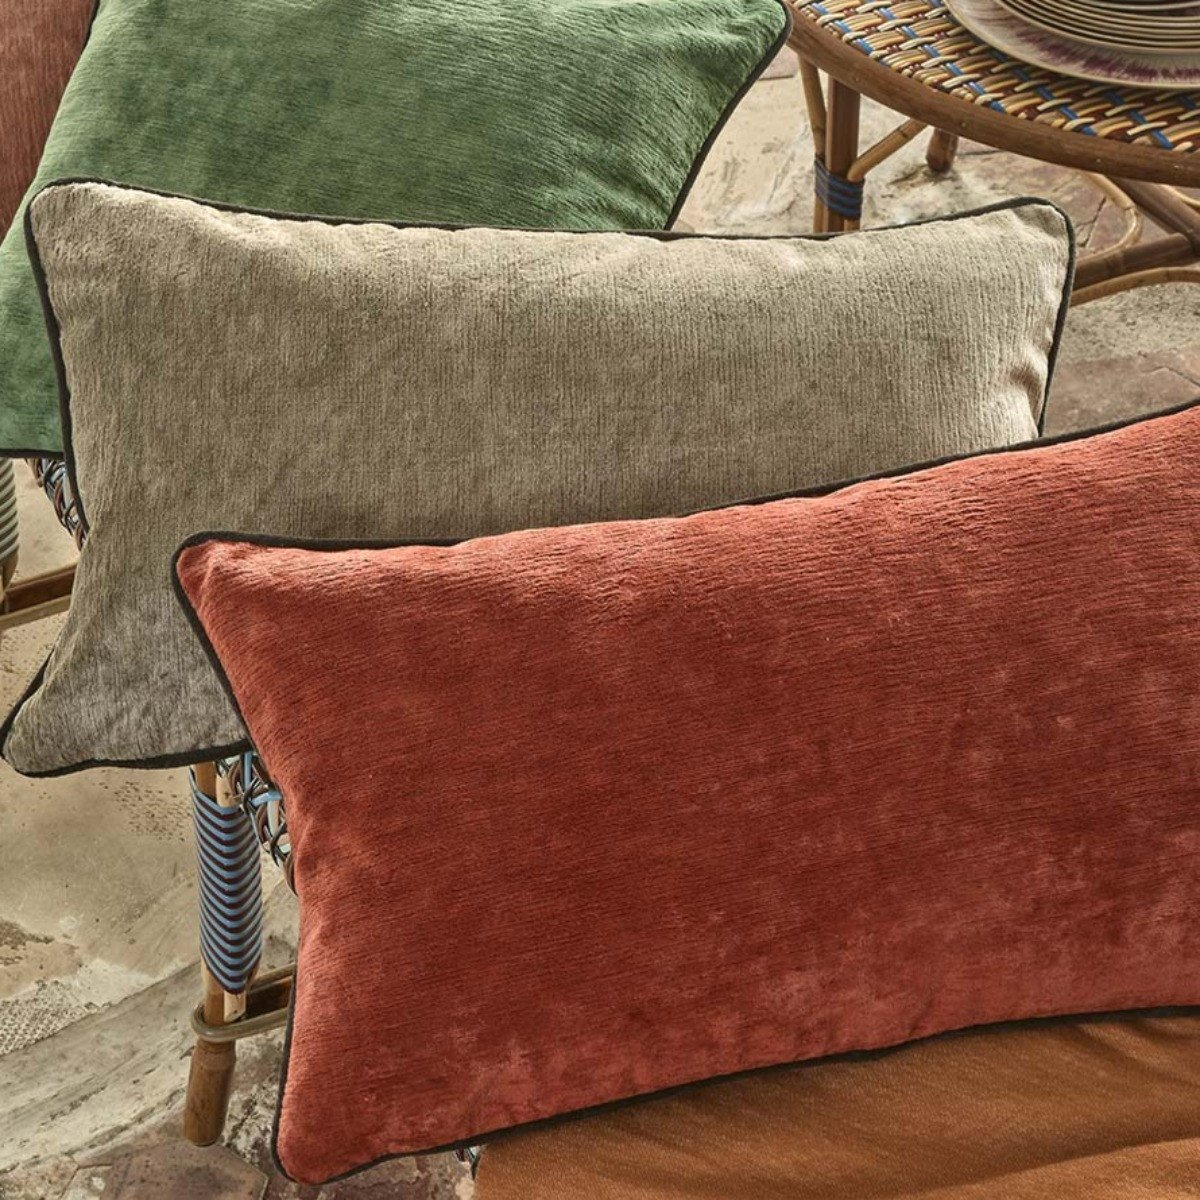 Iosis-Boromé-Syracuse-Cushion Cover-Lifestyle